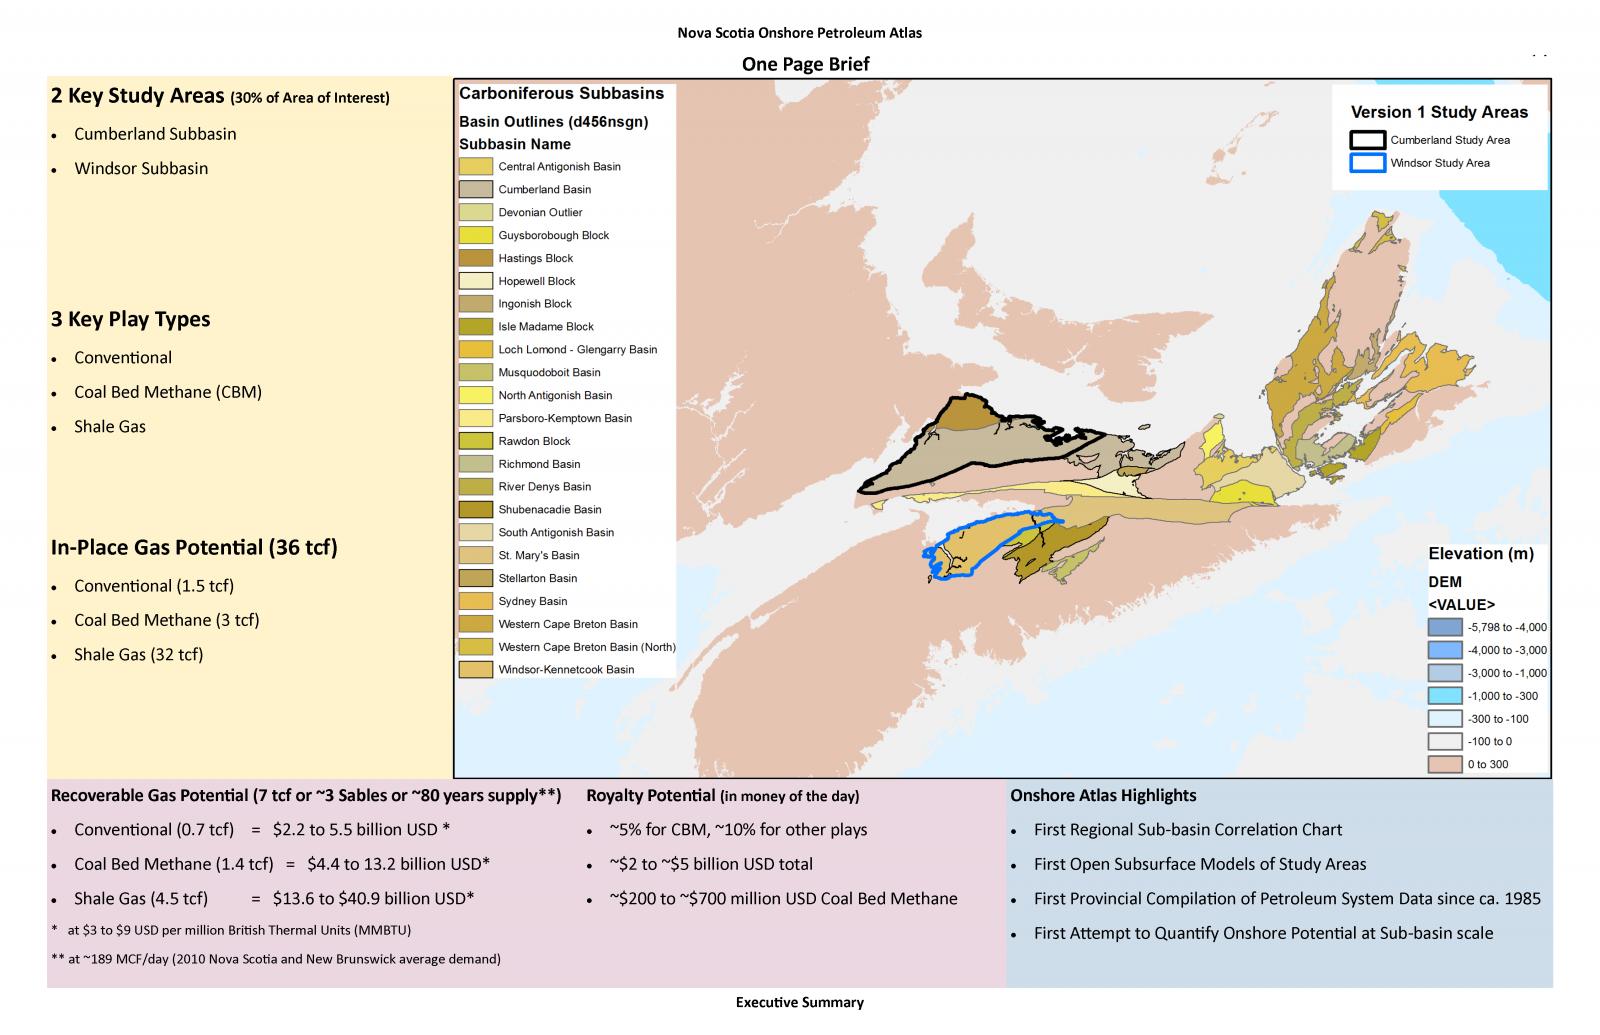 Nova Scotia's Onshore Petroleum Atlas project (2013-2017